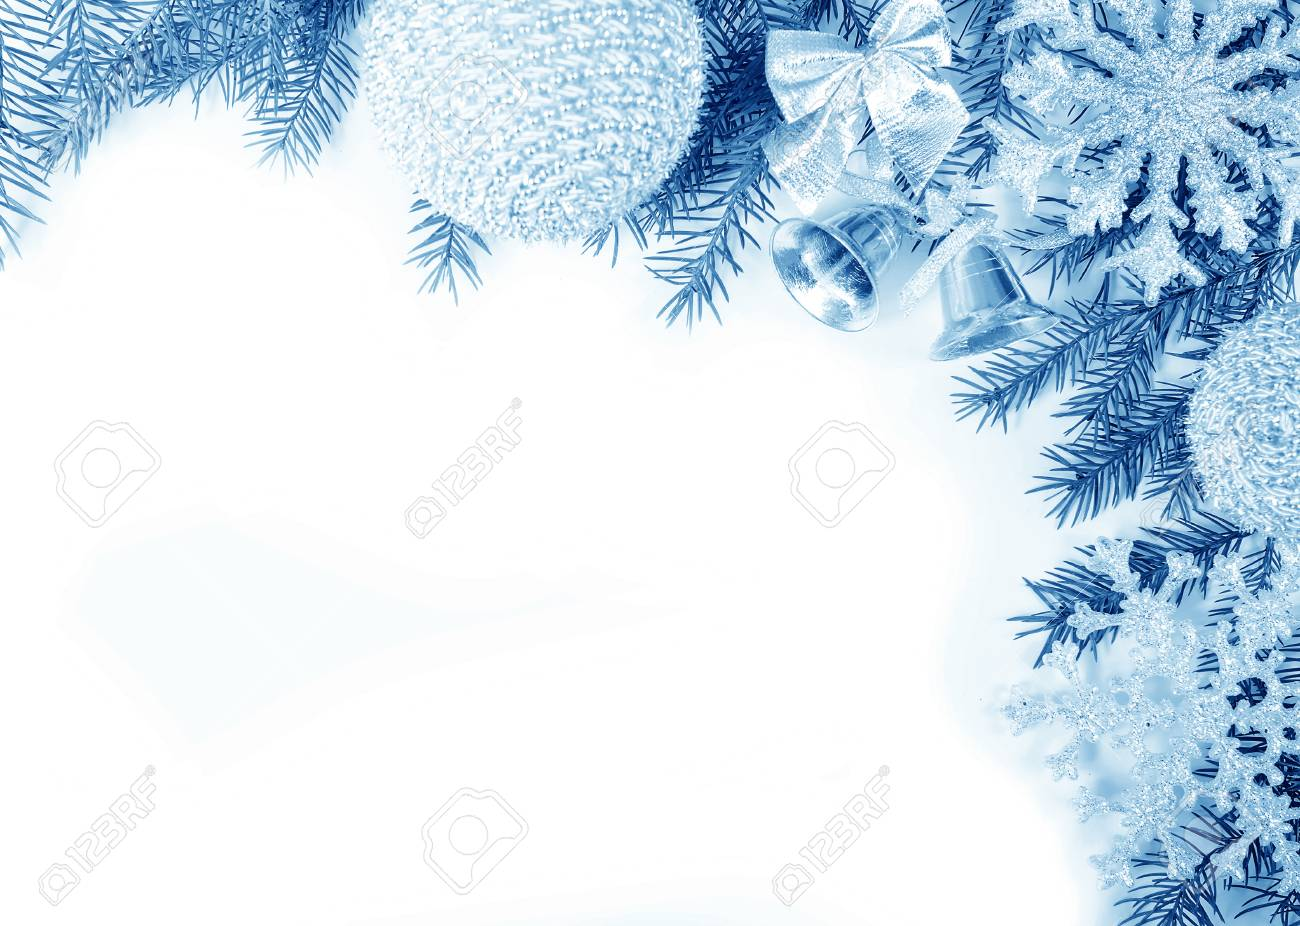 Cadre De Noël Dans Les Tons Bleus Pour Carte De Voeux Banque D